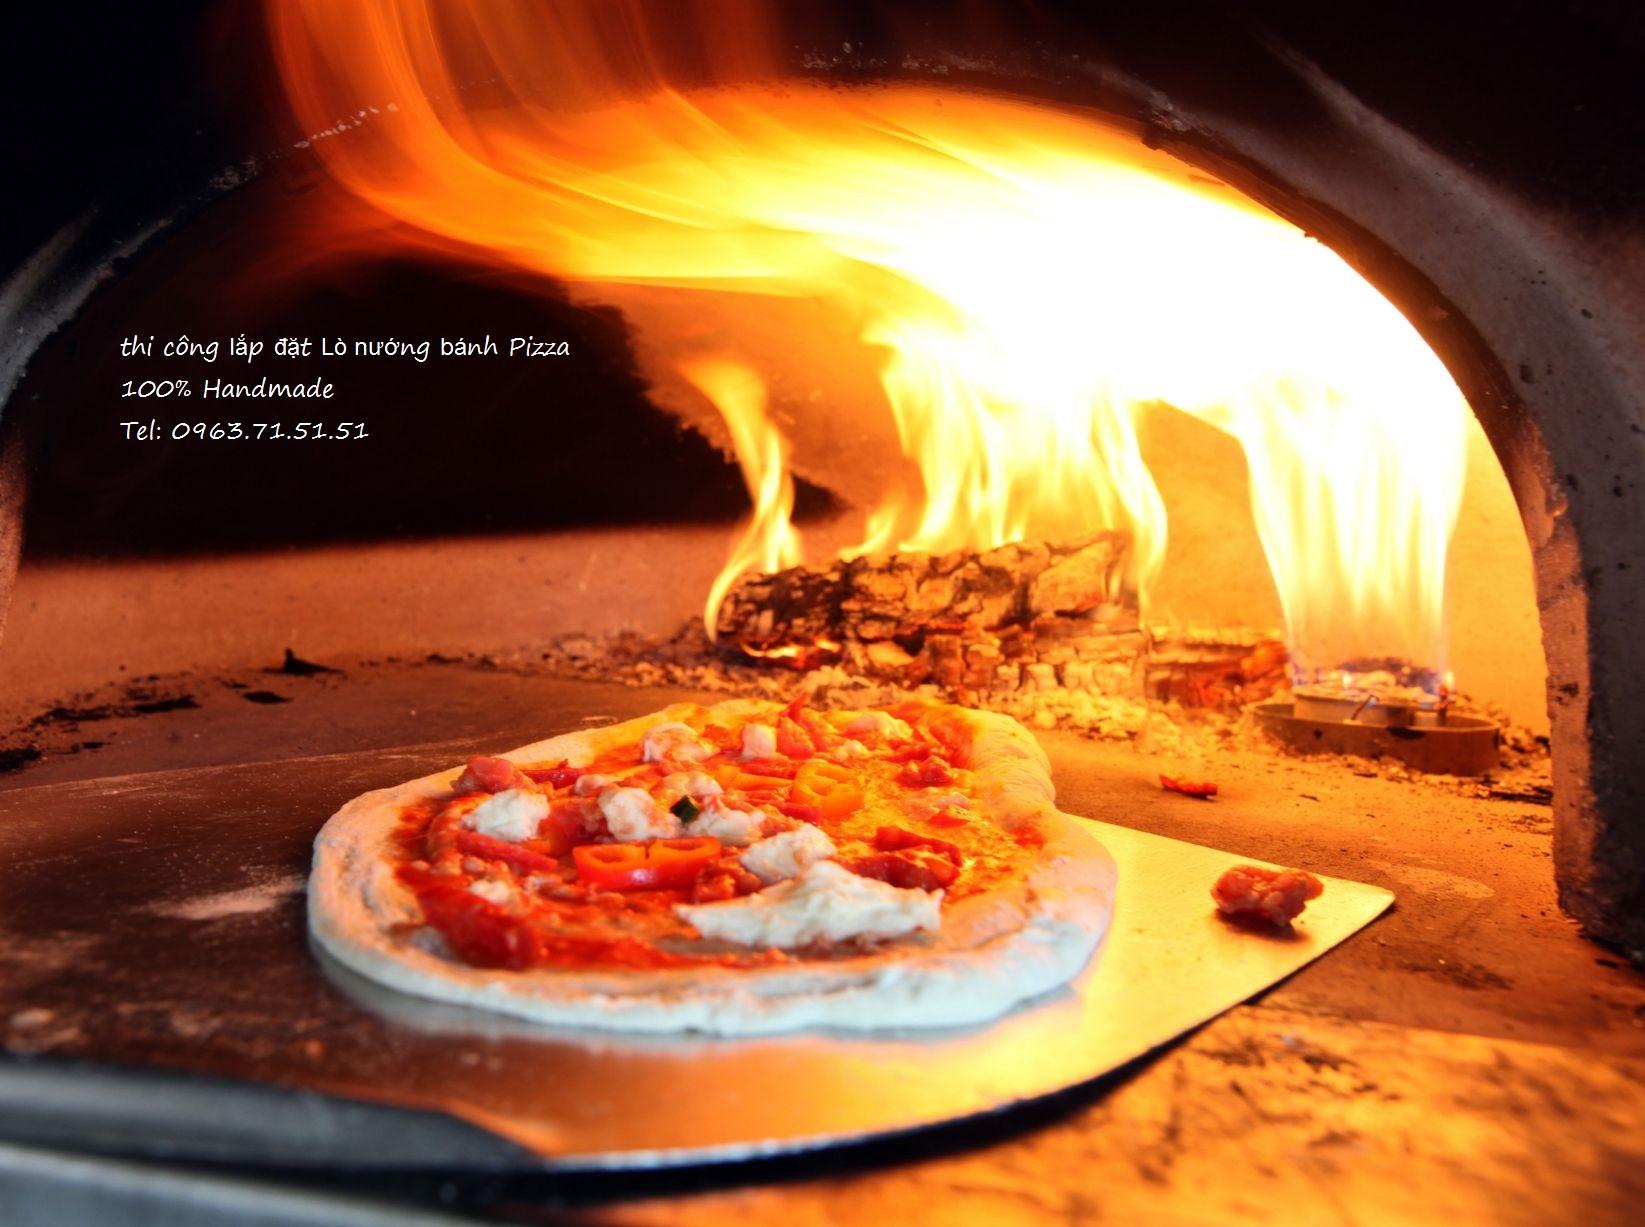 Tư vấn và lắp đặt lò nướng bánh Pizza Công nghiệp